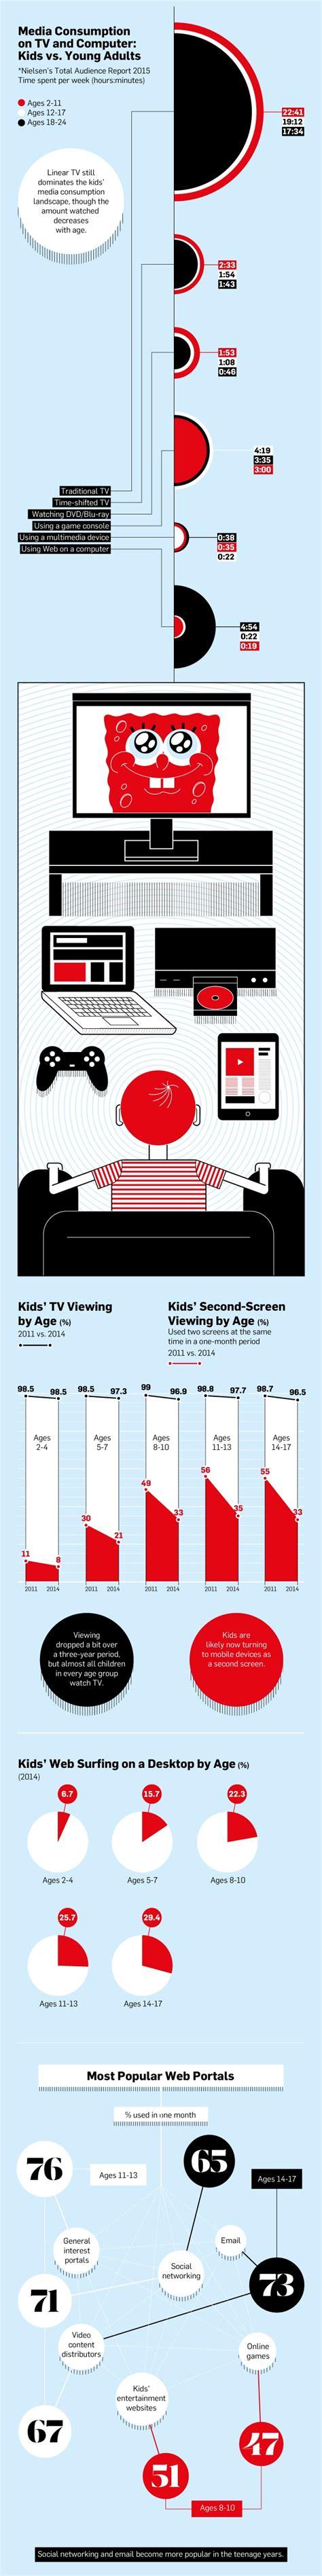 infographic nielsen data shows  kids  tv